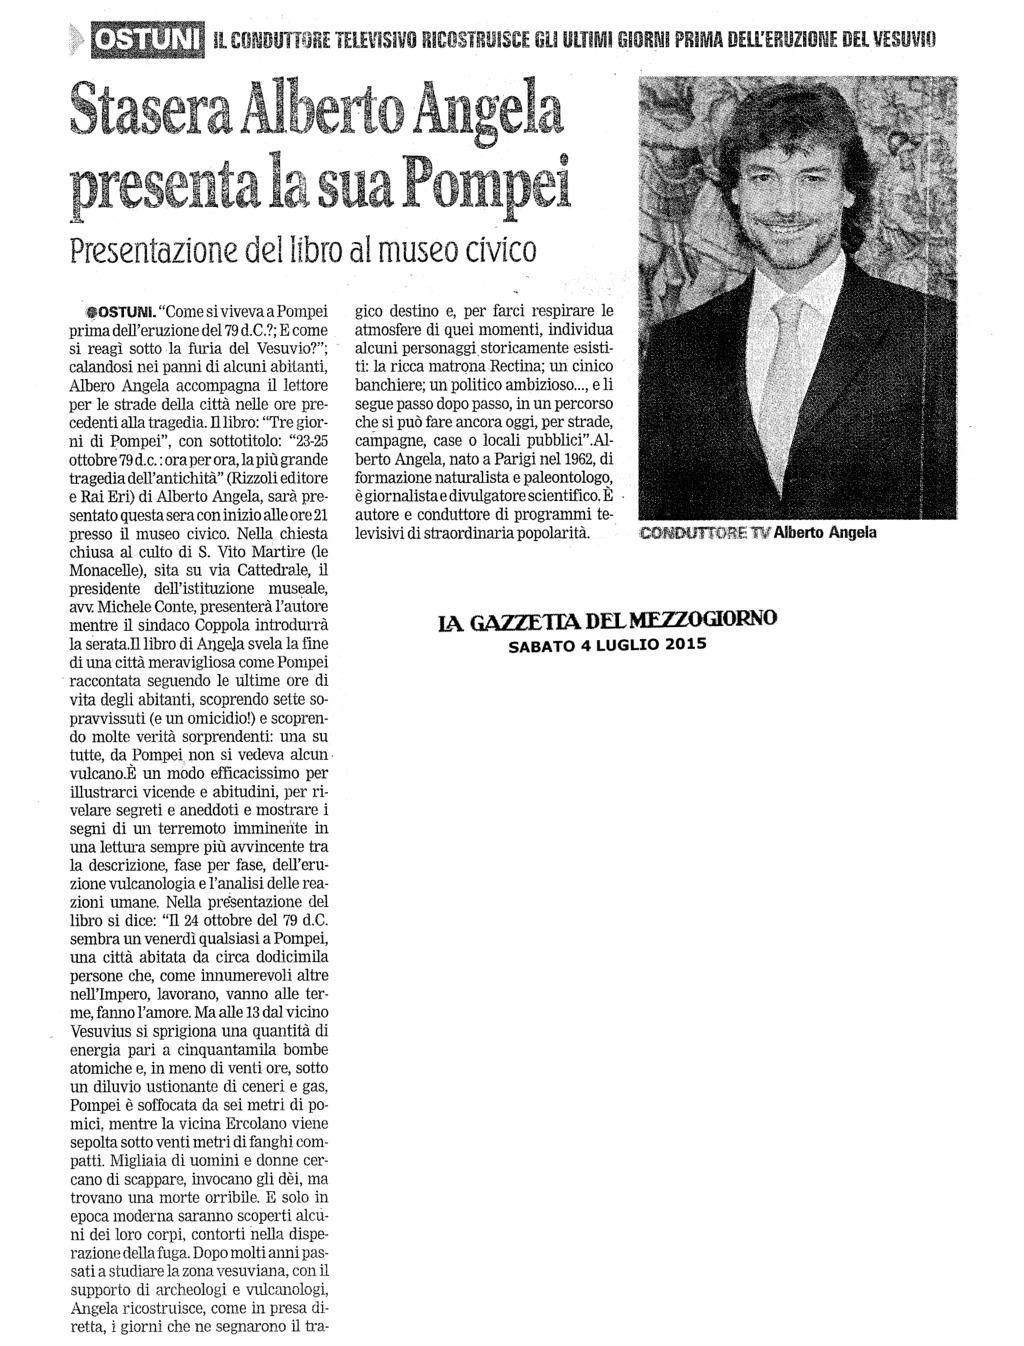 Stasera Alberto Angela presenta la sua Pompei (La Gazzetta del Mezzogiorno)